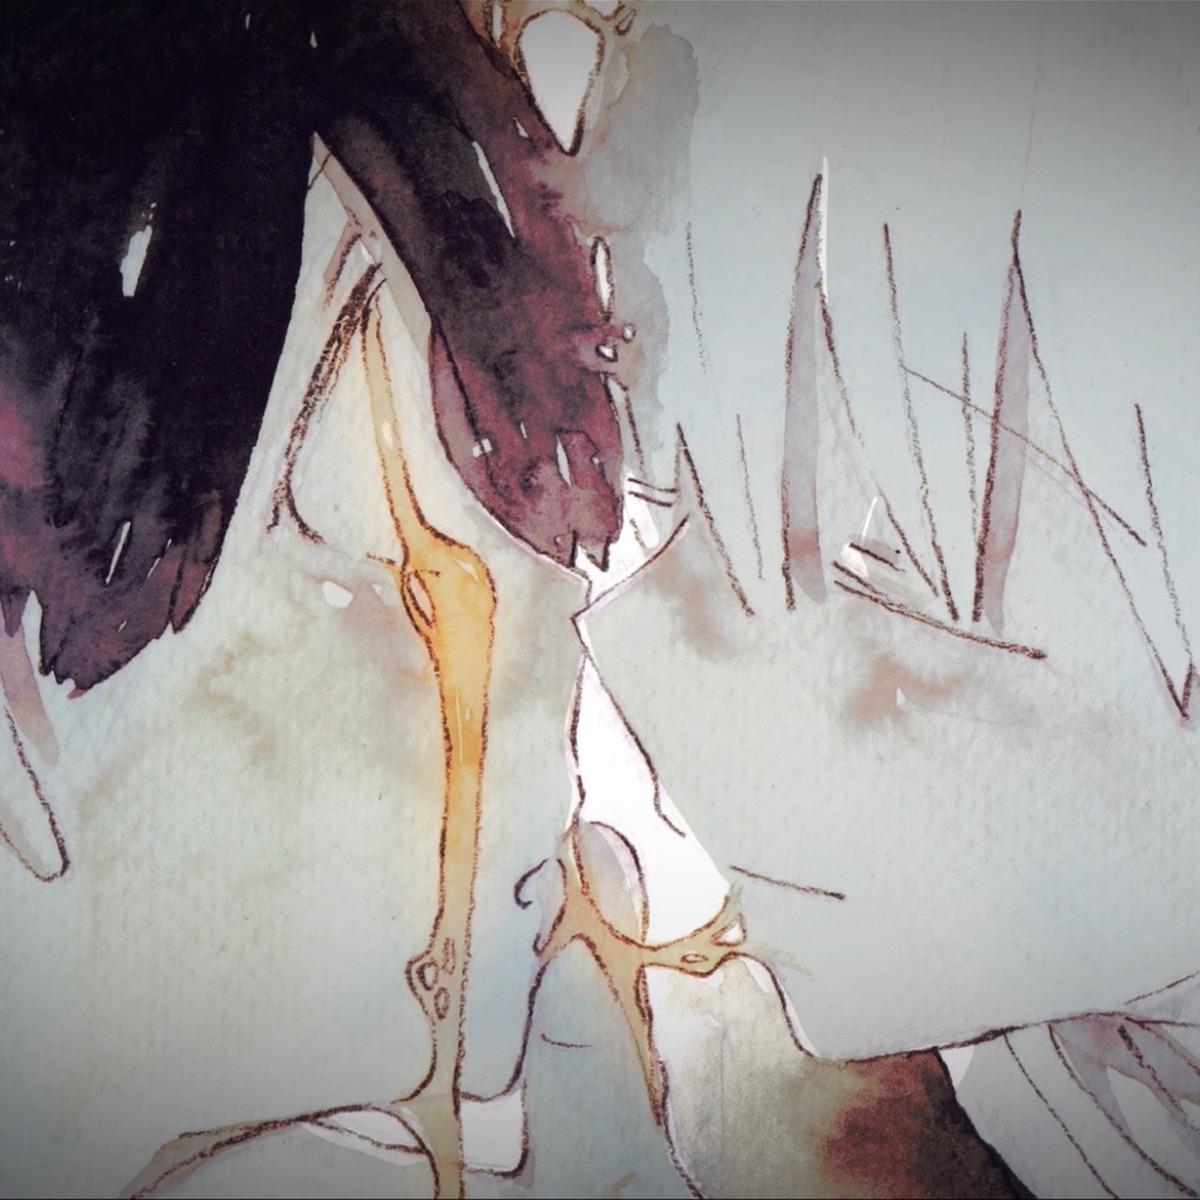 『一二三 - 蜜を嗜む』収録の『蜜を嗜む』ジャケット